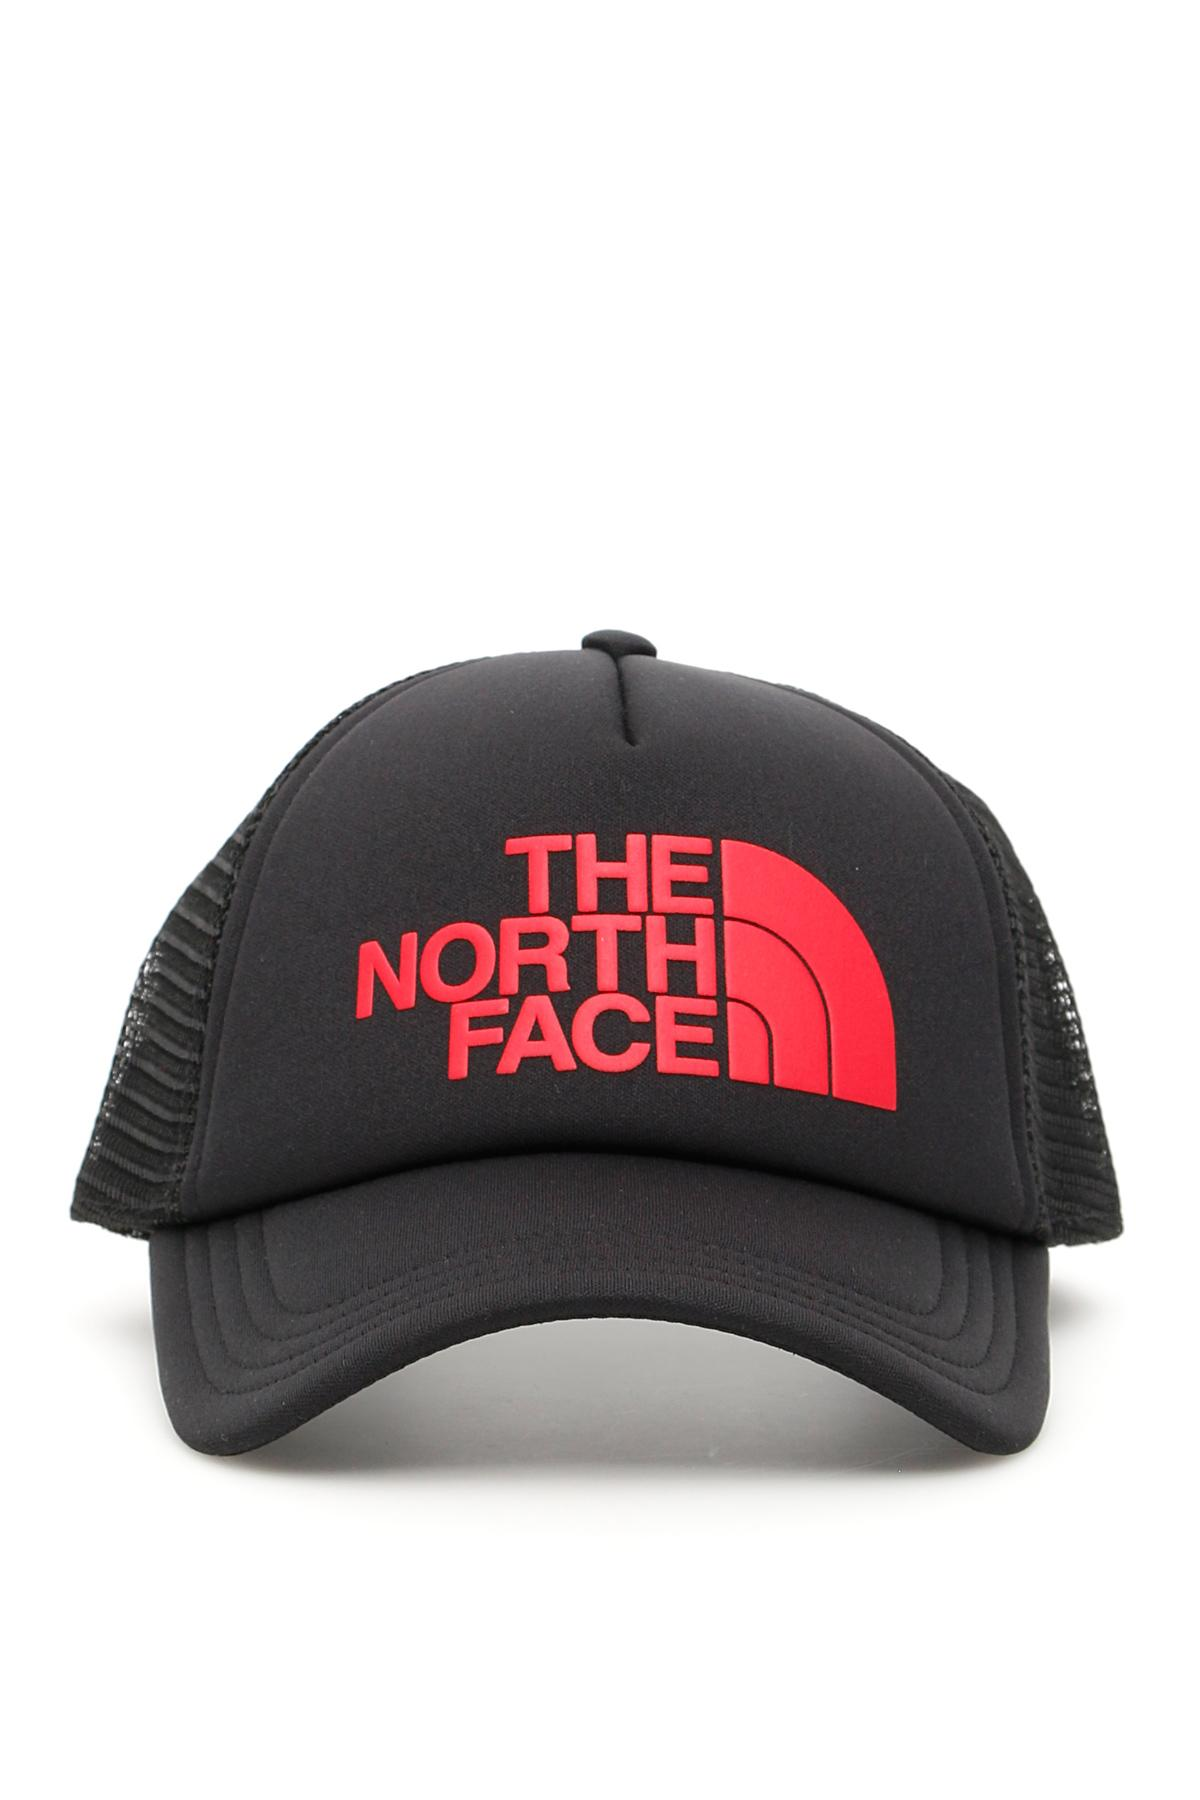 49e0f9028 The North Face - Trucker Logo Cap